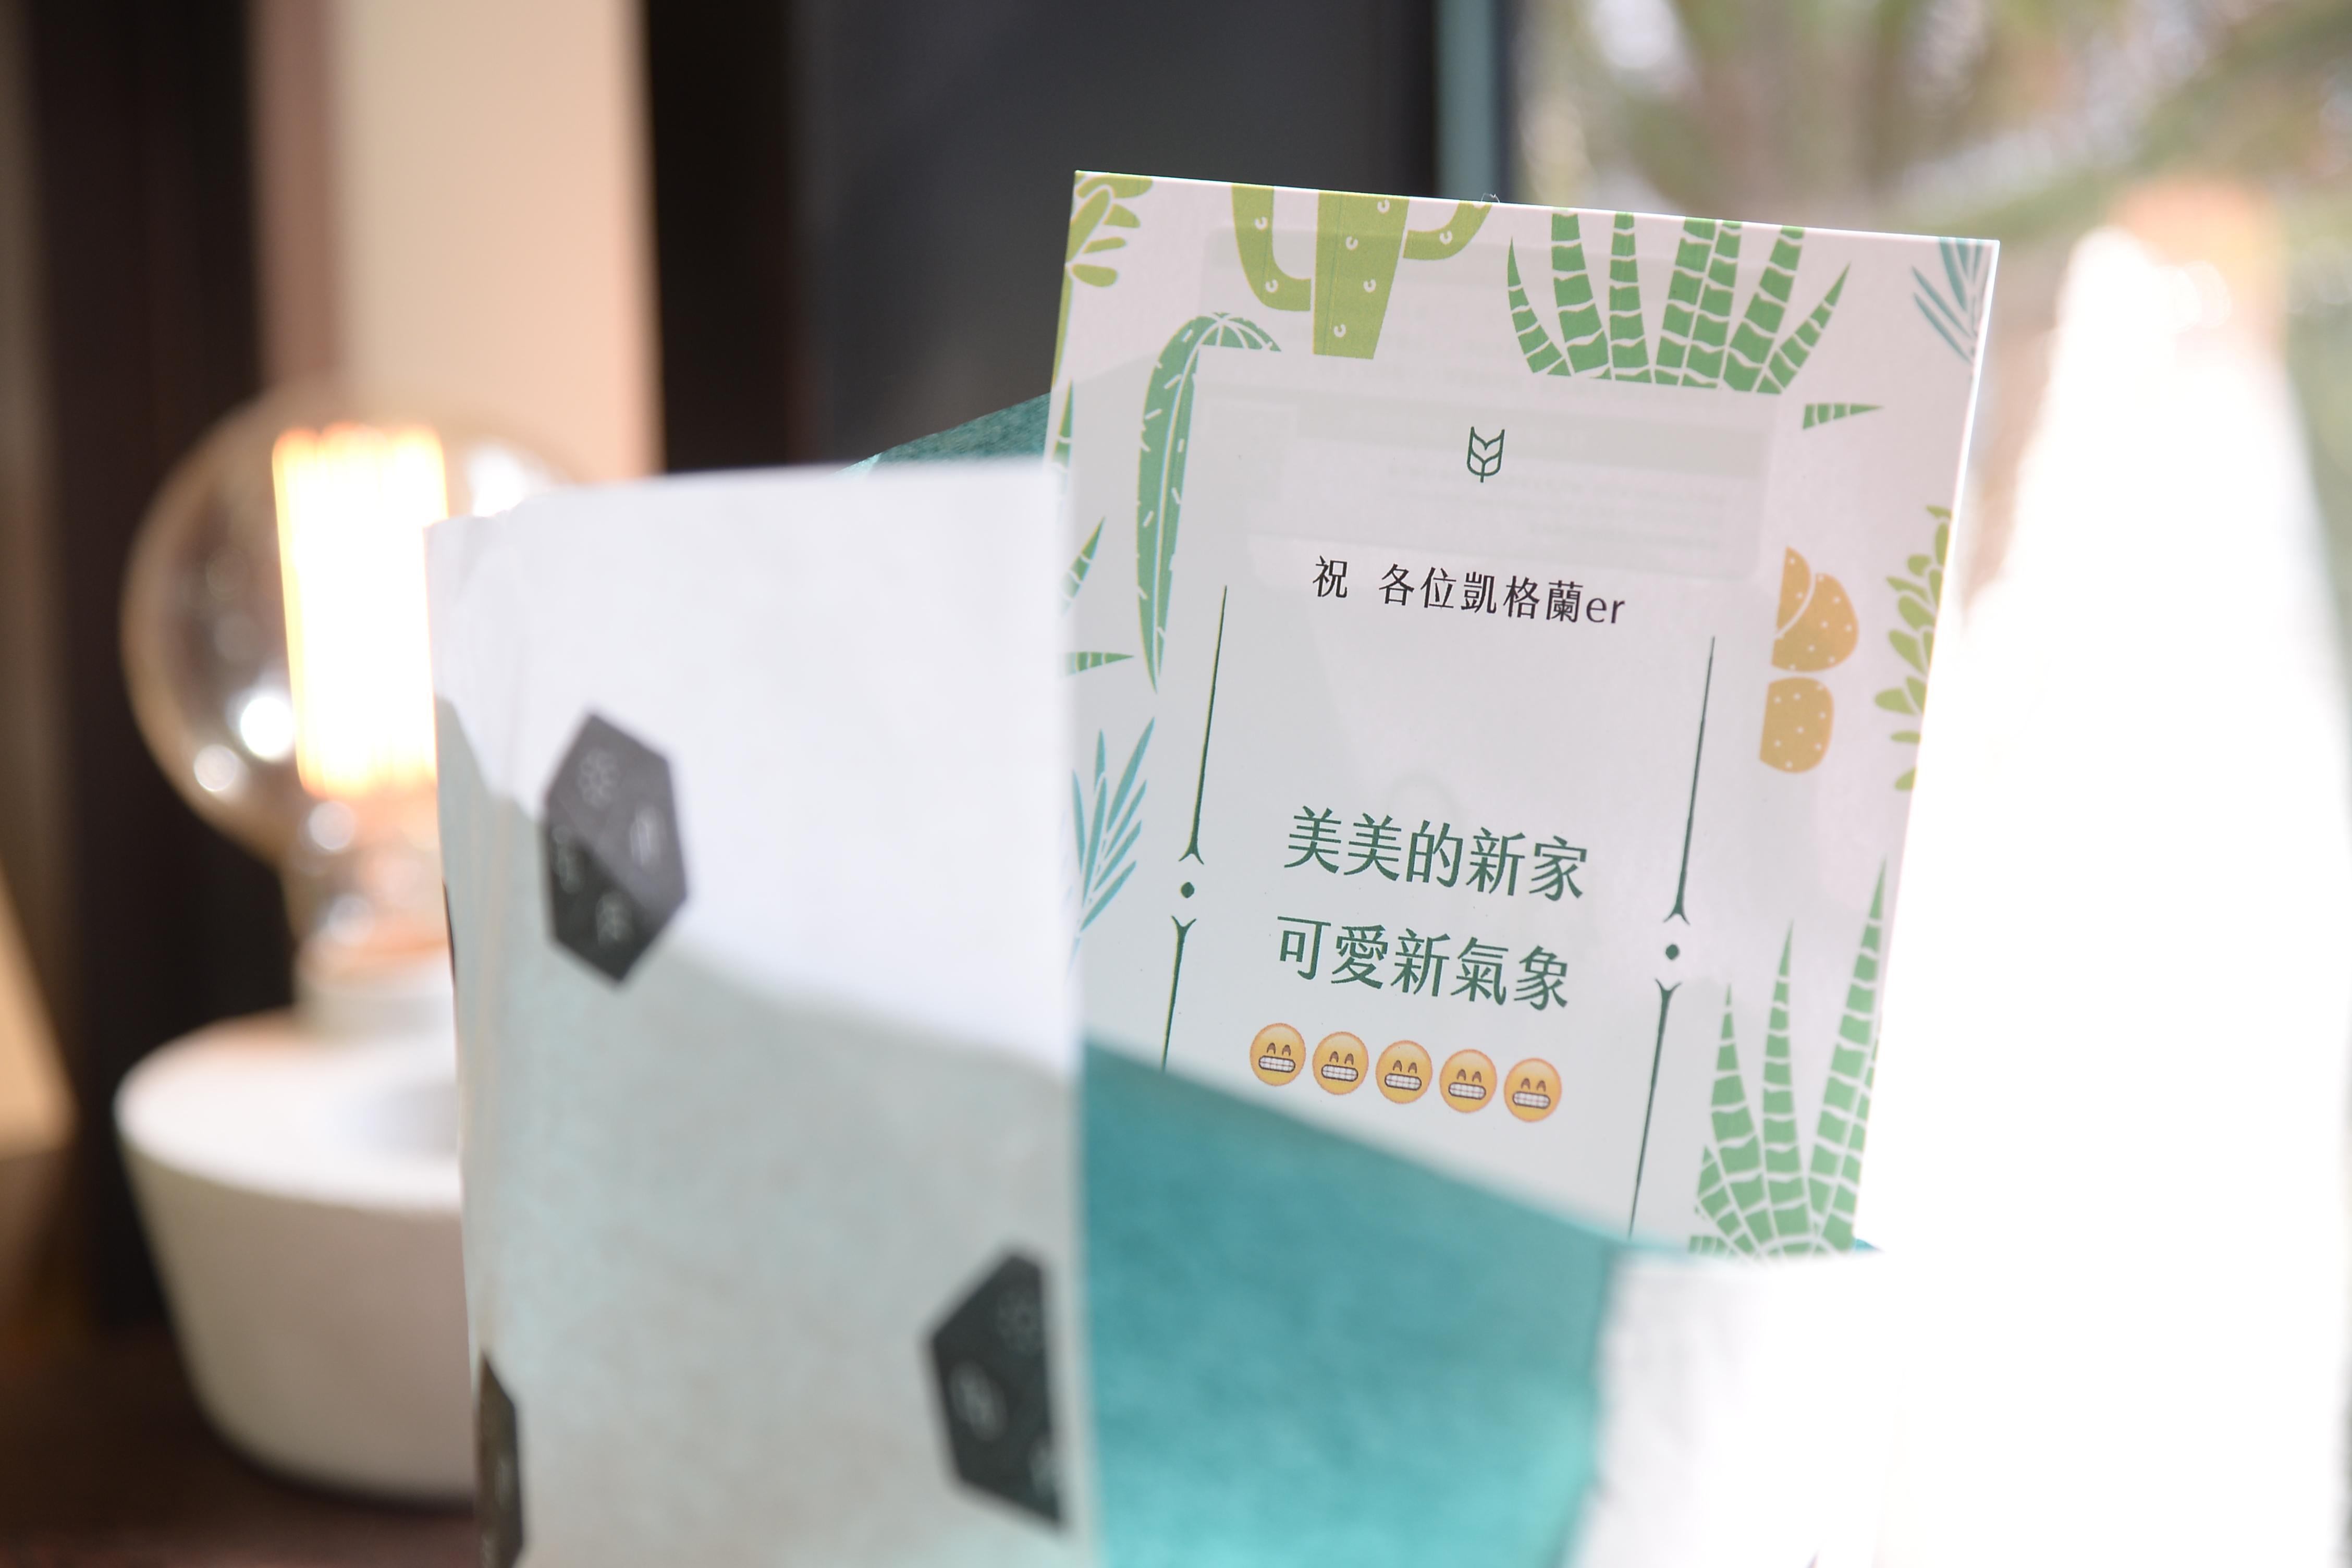 公關公司開幕祝賀卡片